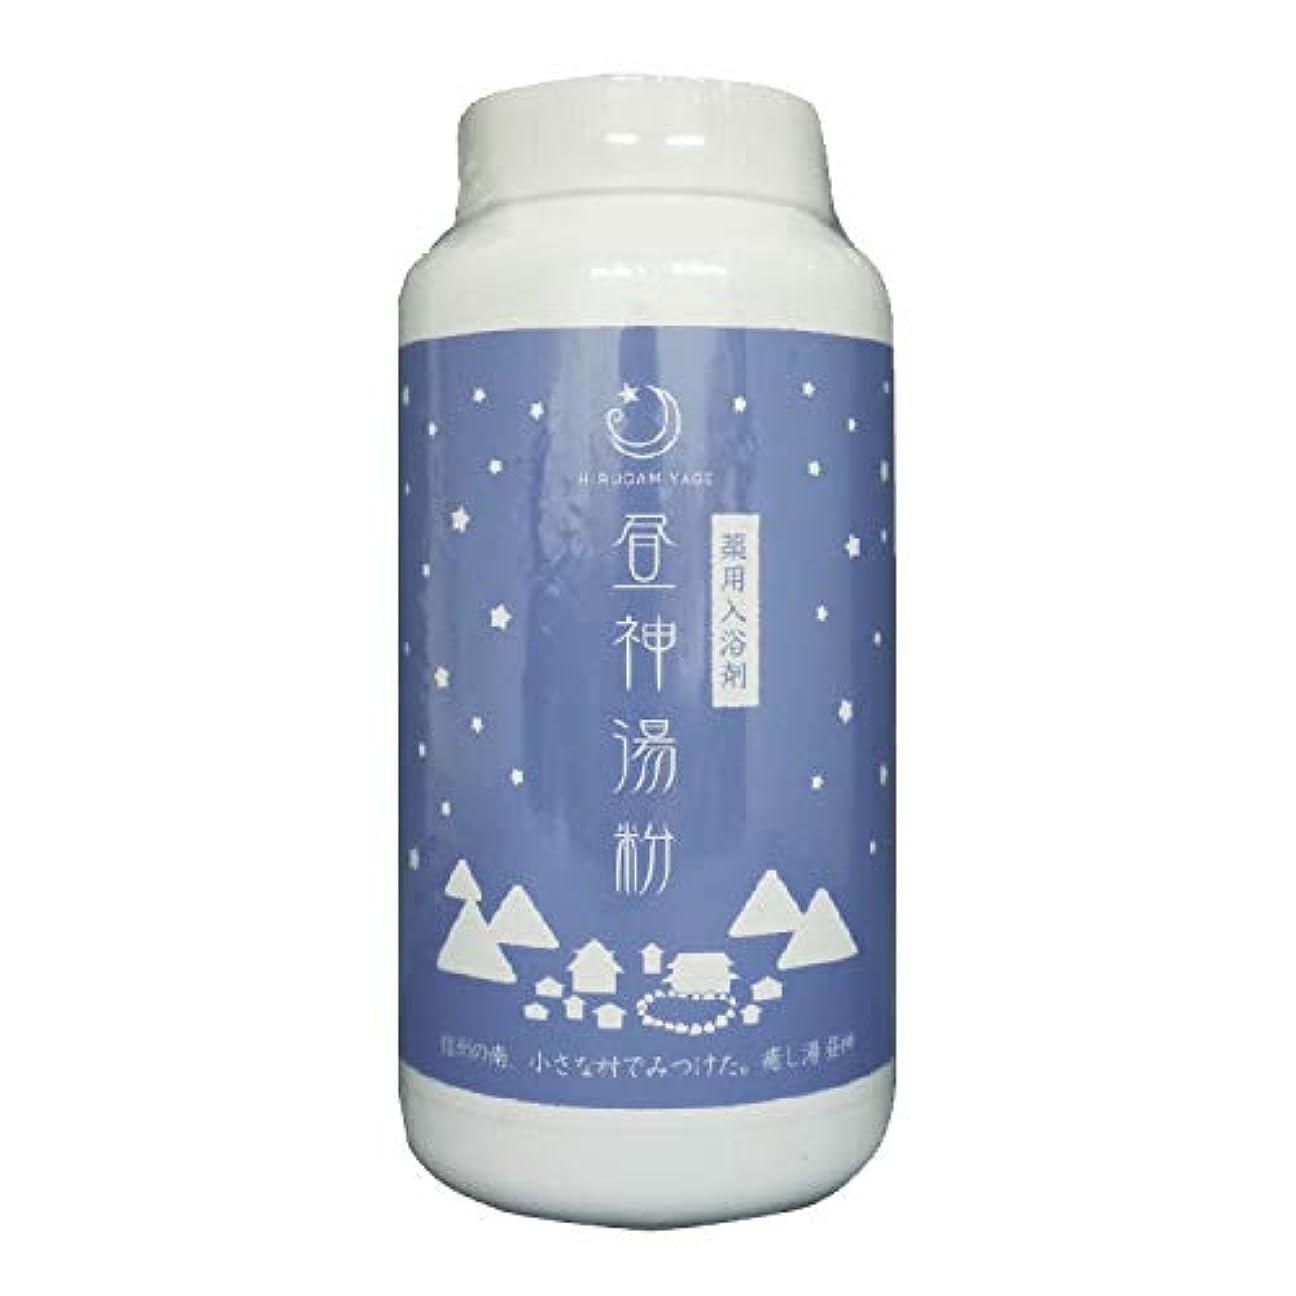 独立した火山学者再発する昼神の湯 薬用入浴剤(医薬部外品)ボトル 昼神温泉郷